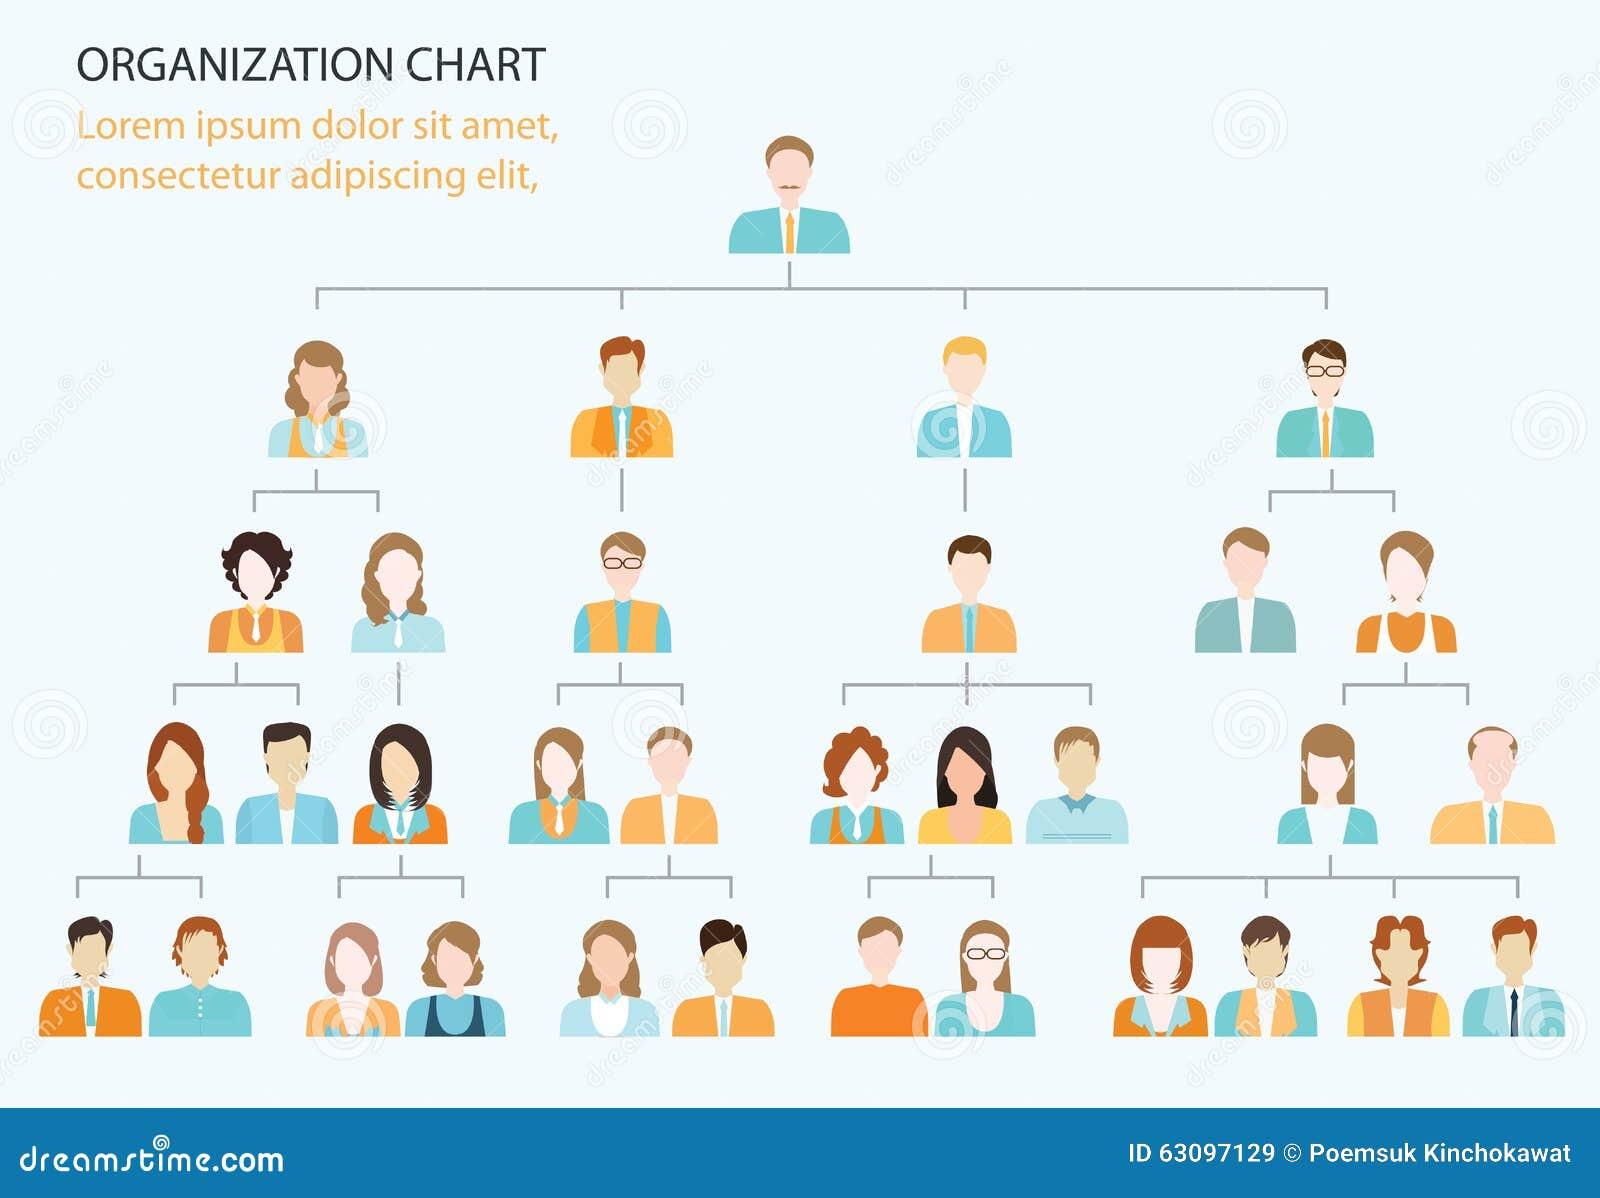 Organisatorische grafiek collectieve bedrijfshiërarchie